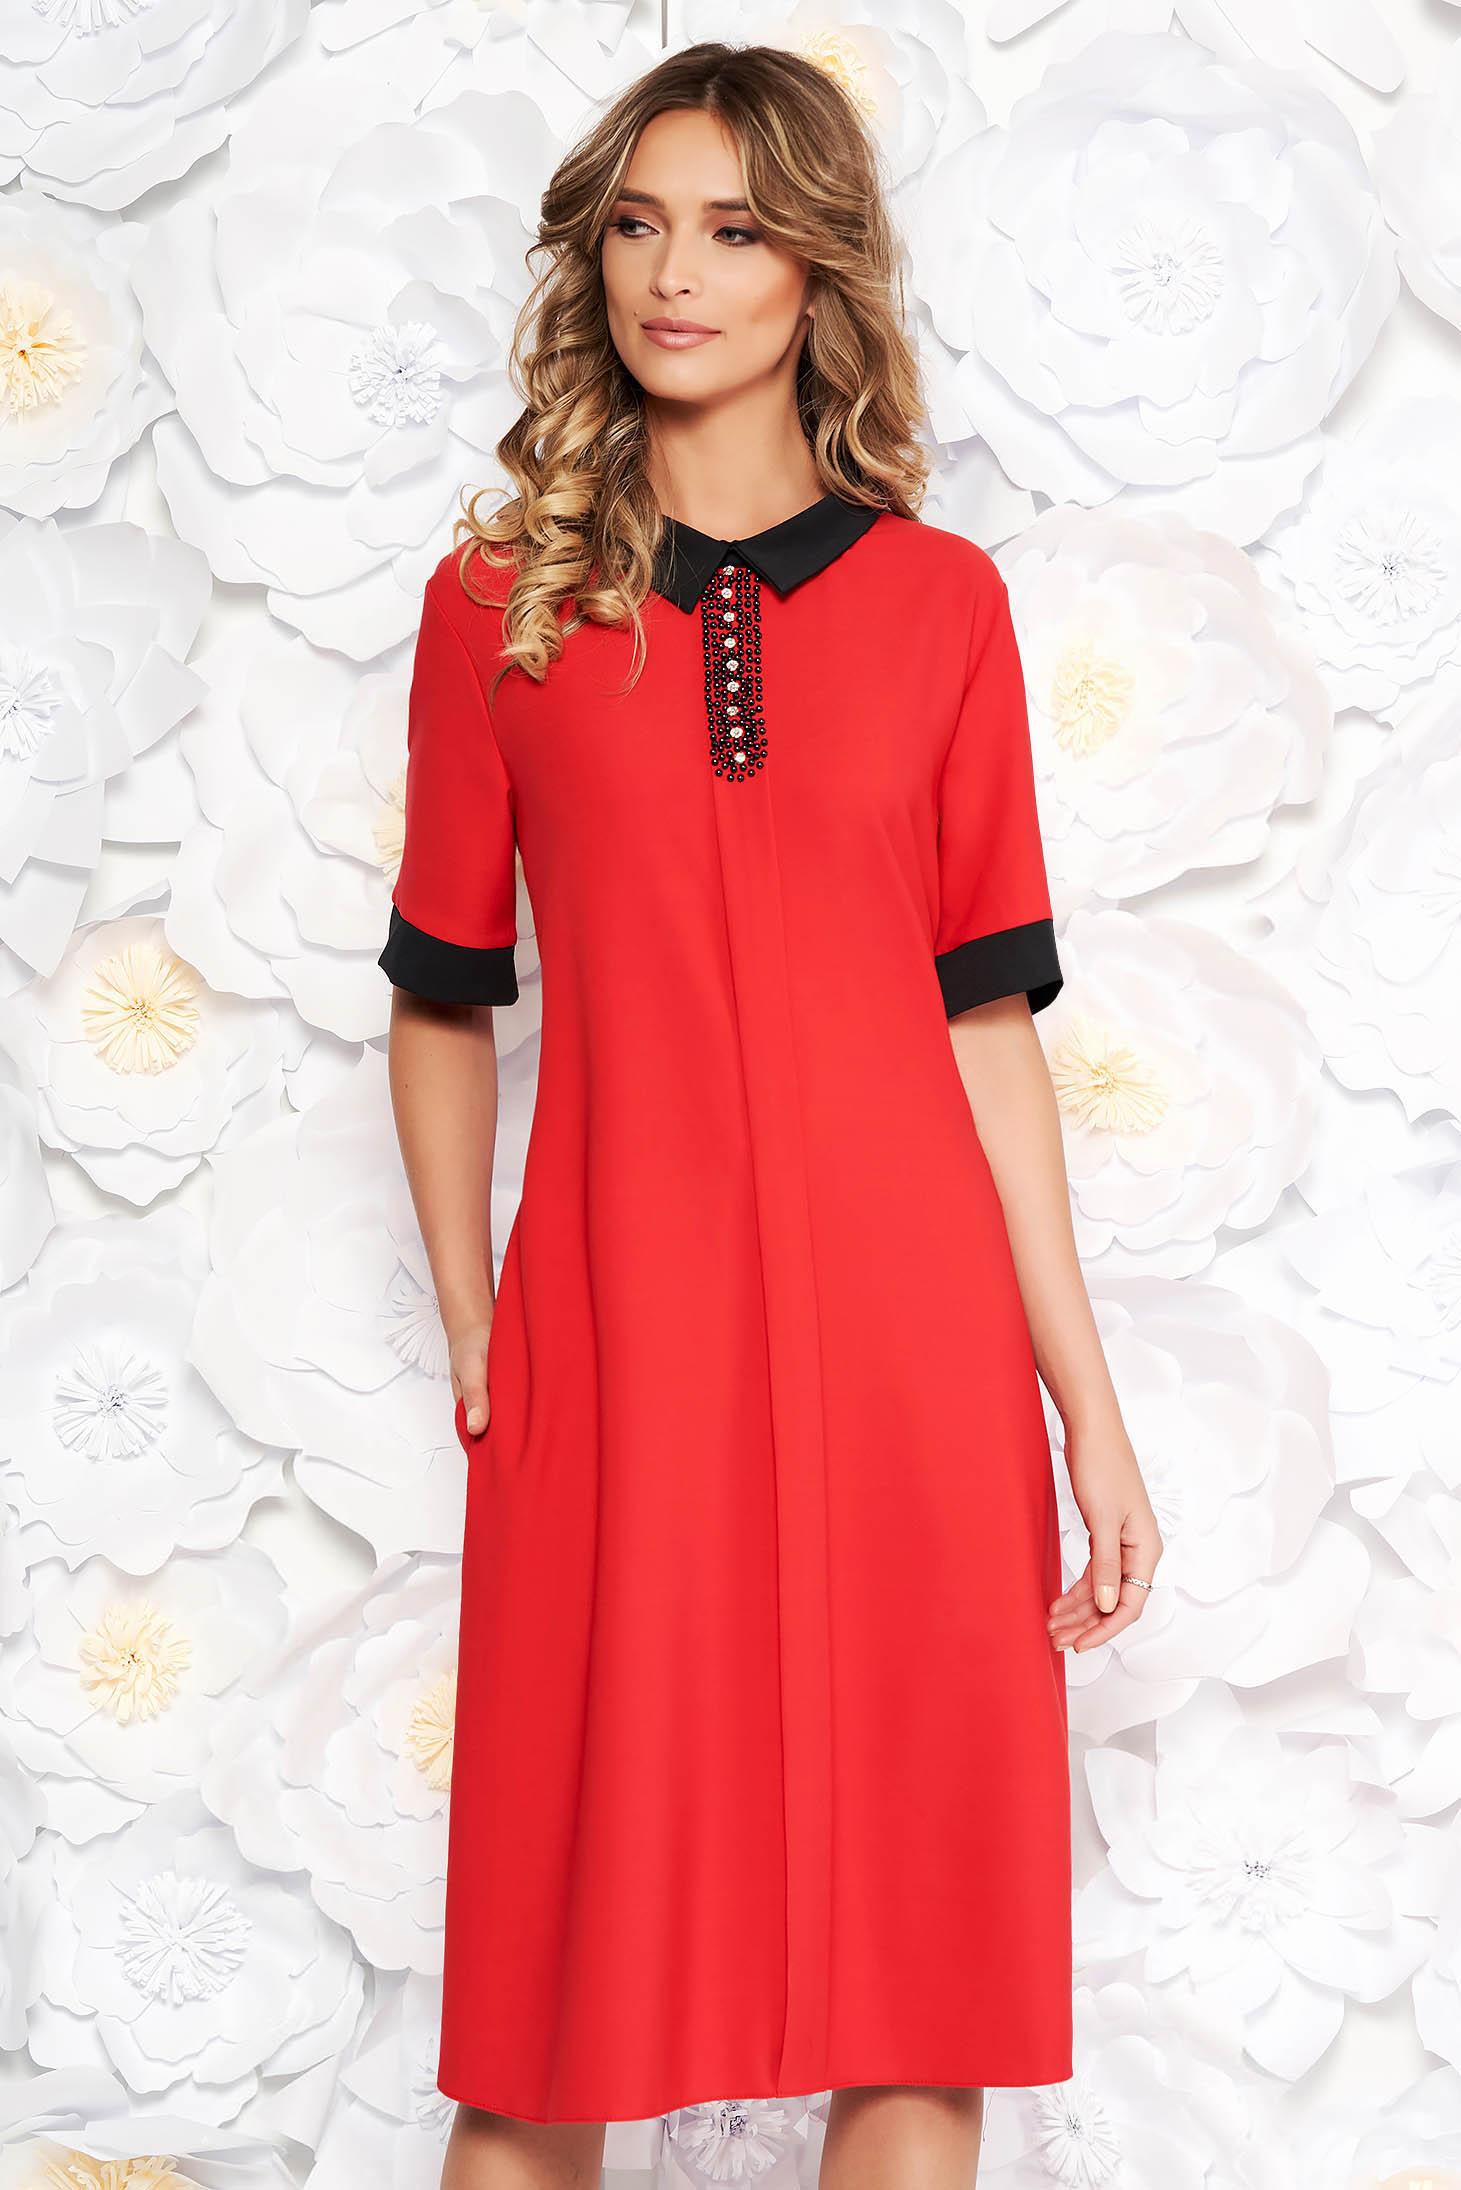 Piros elegáns bő szabású ruha enyhén rugalmas szövet strassz köves díszítés zsebes